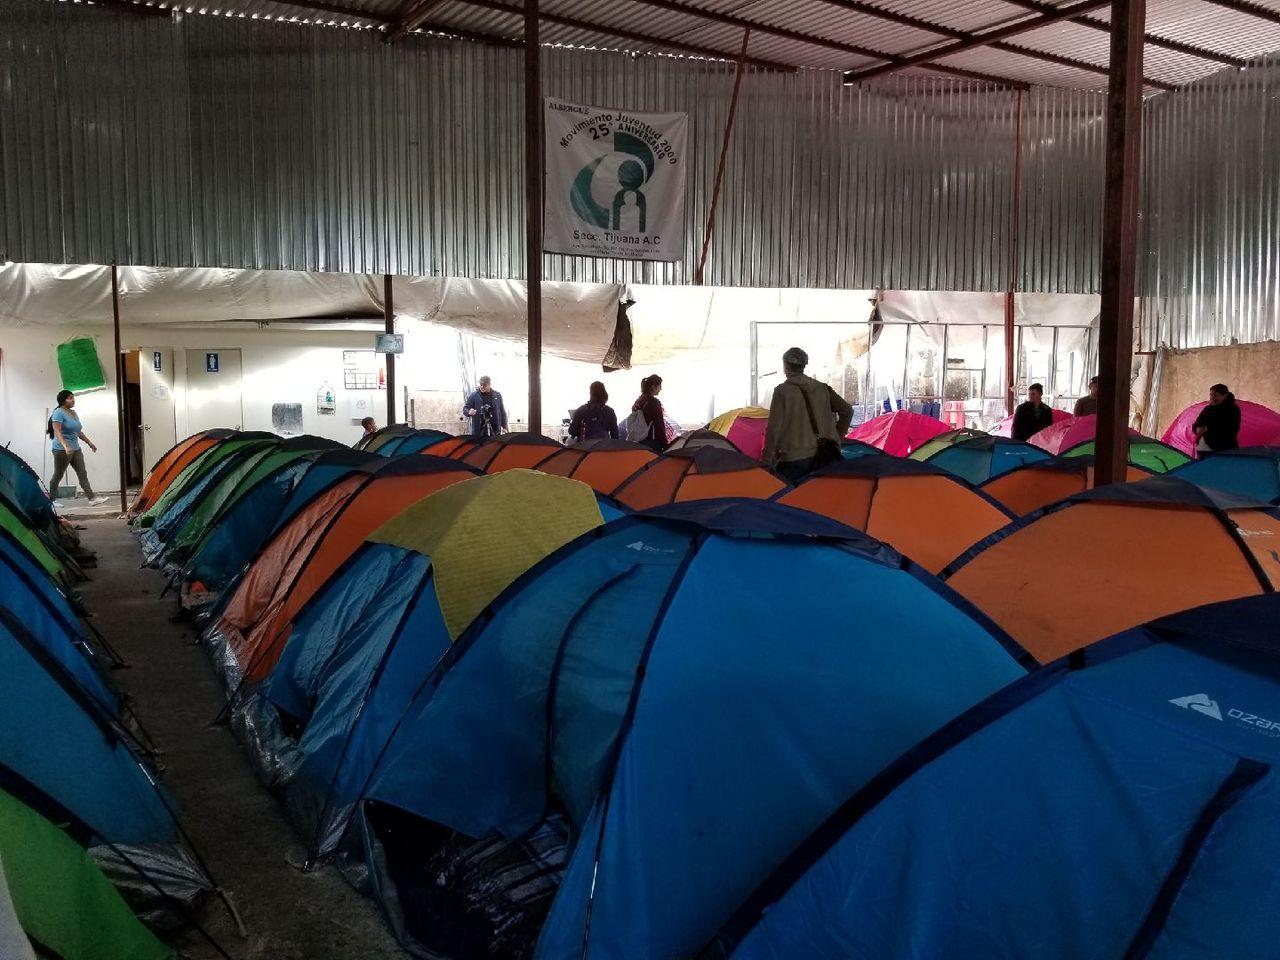 An immigrant tent encampment